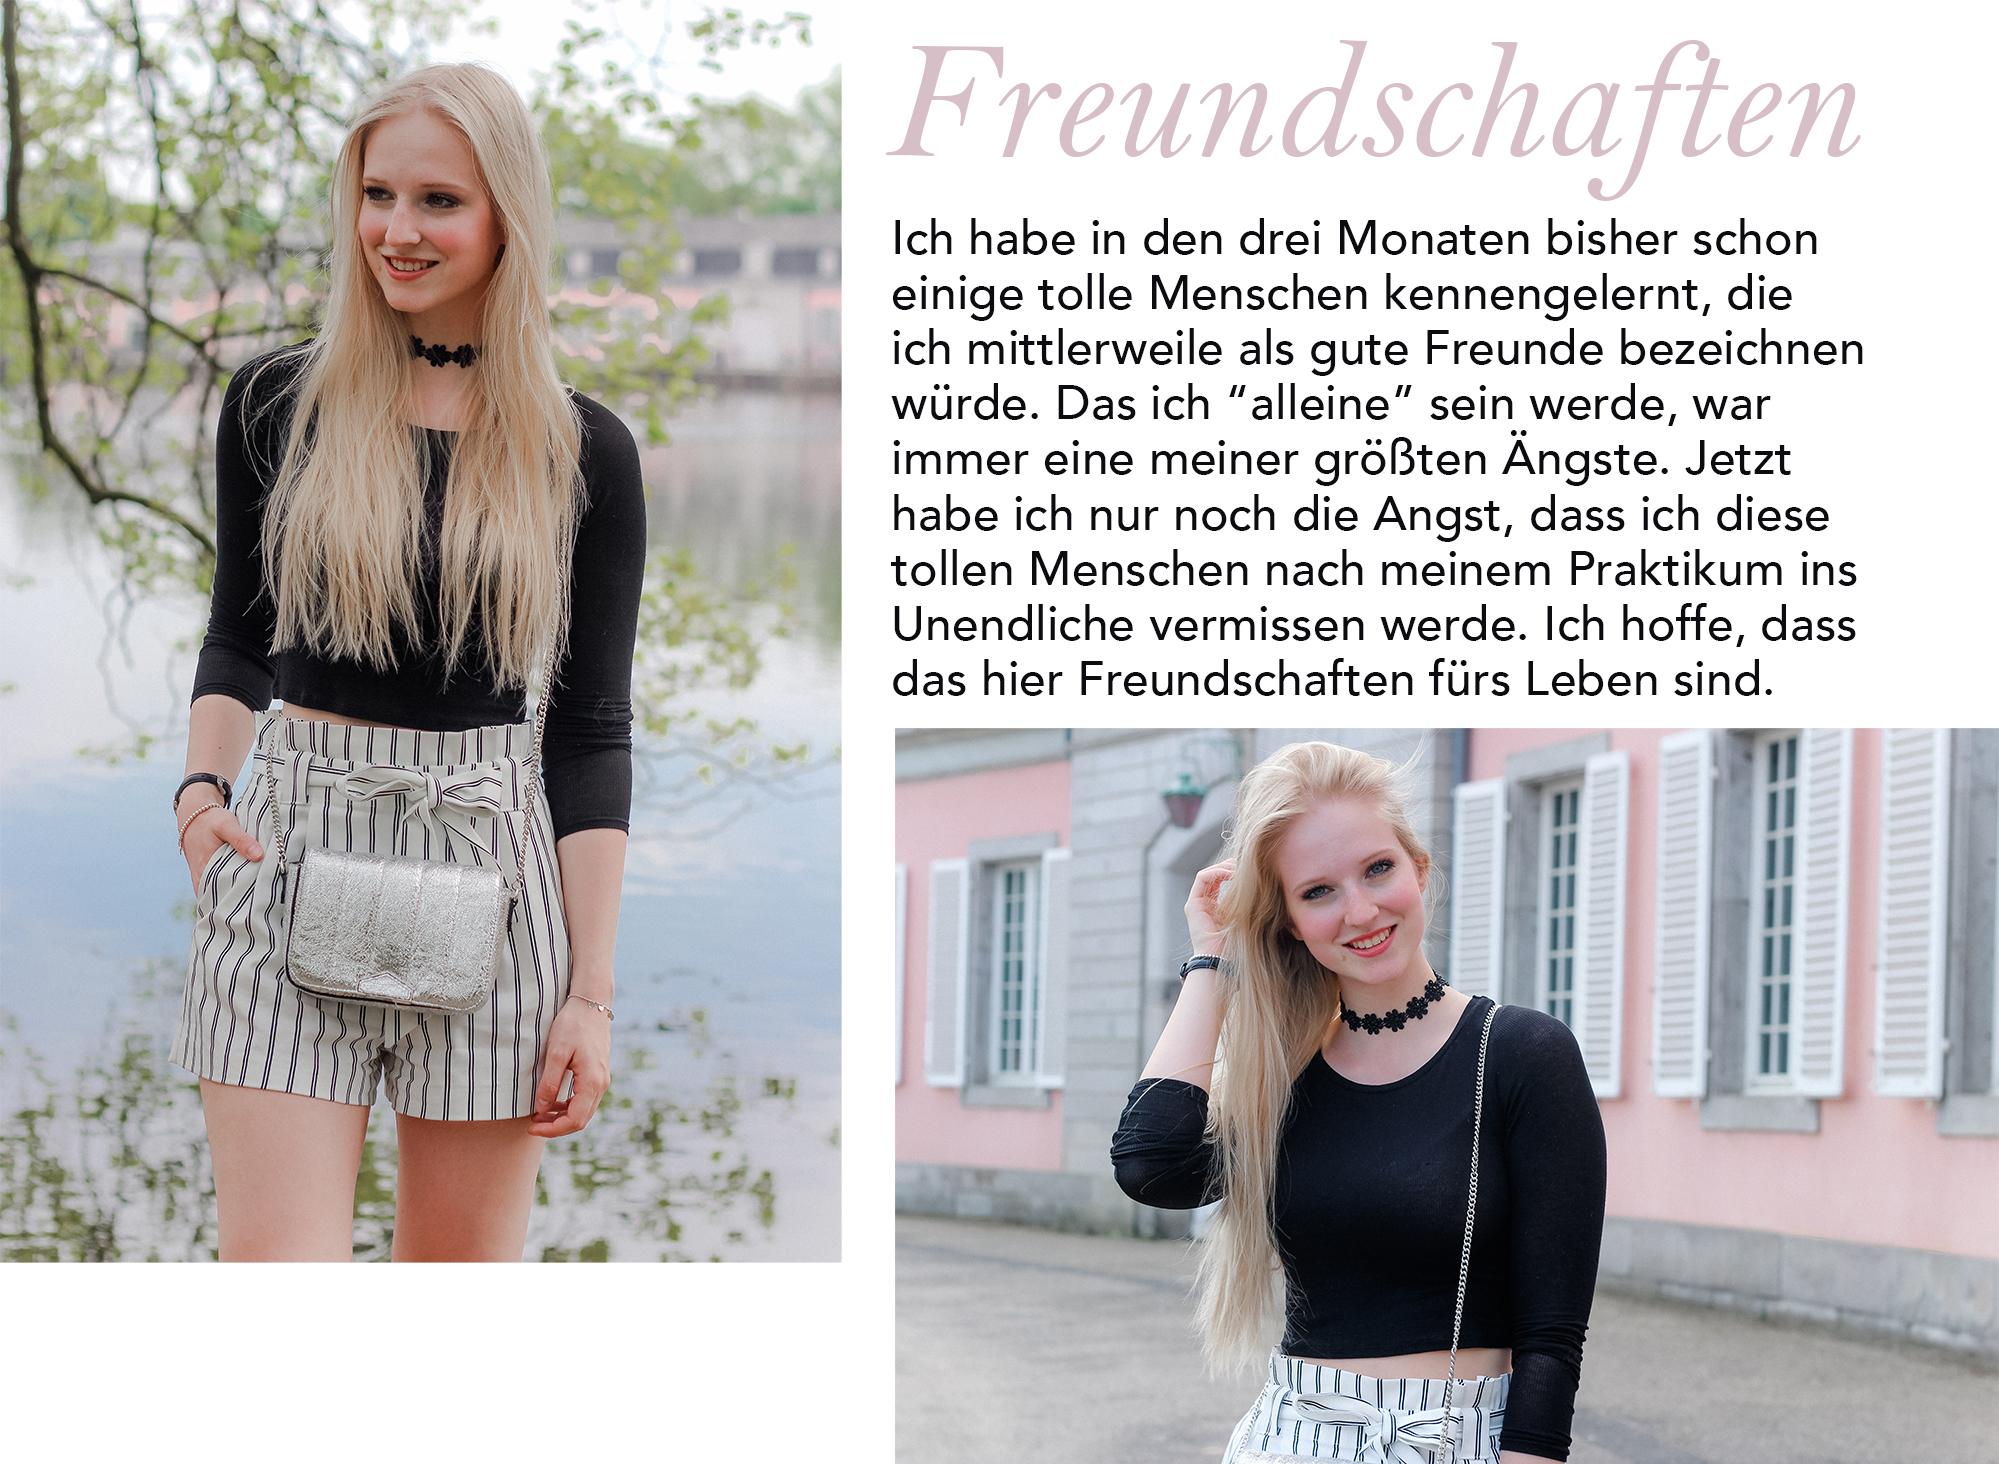 Freunde, Freundschaften, Düsseldorf, Umzug, Blogger, Tagebuch, Monatsrückblick, Schloss Benrath, Shooting